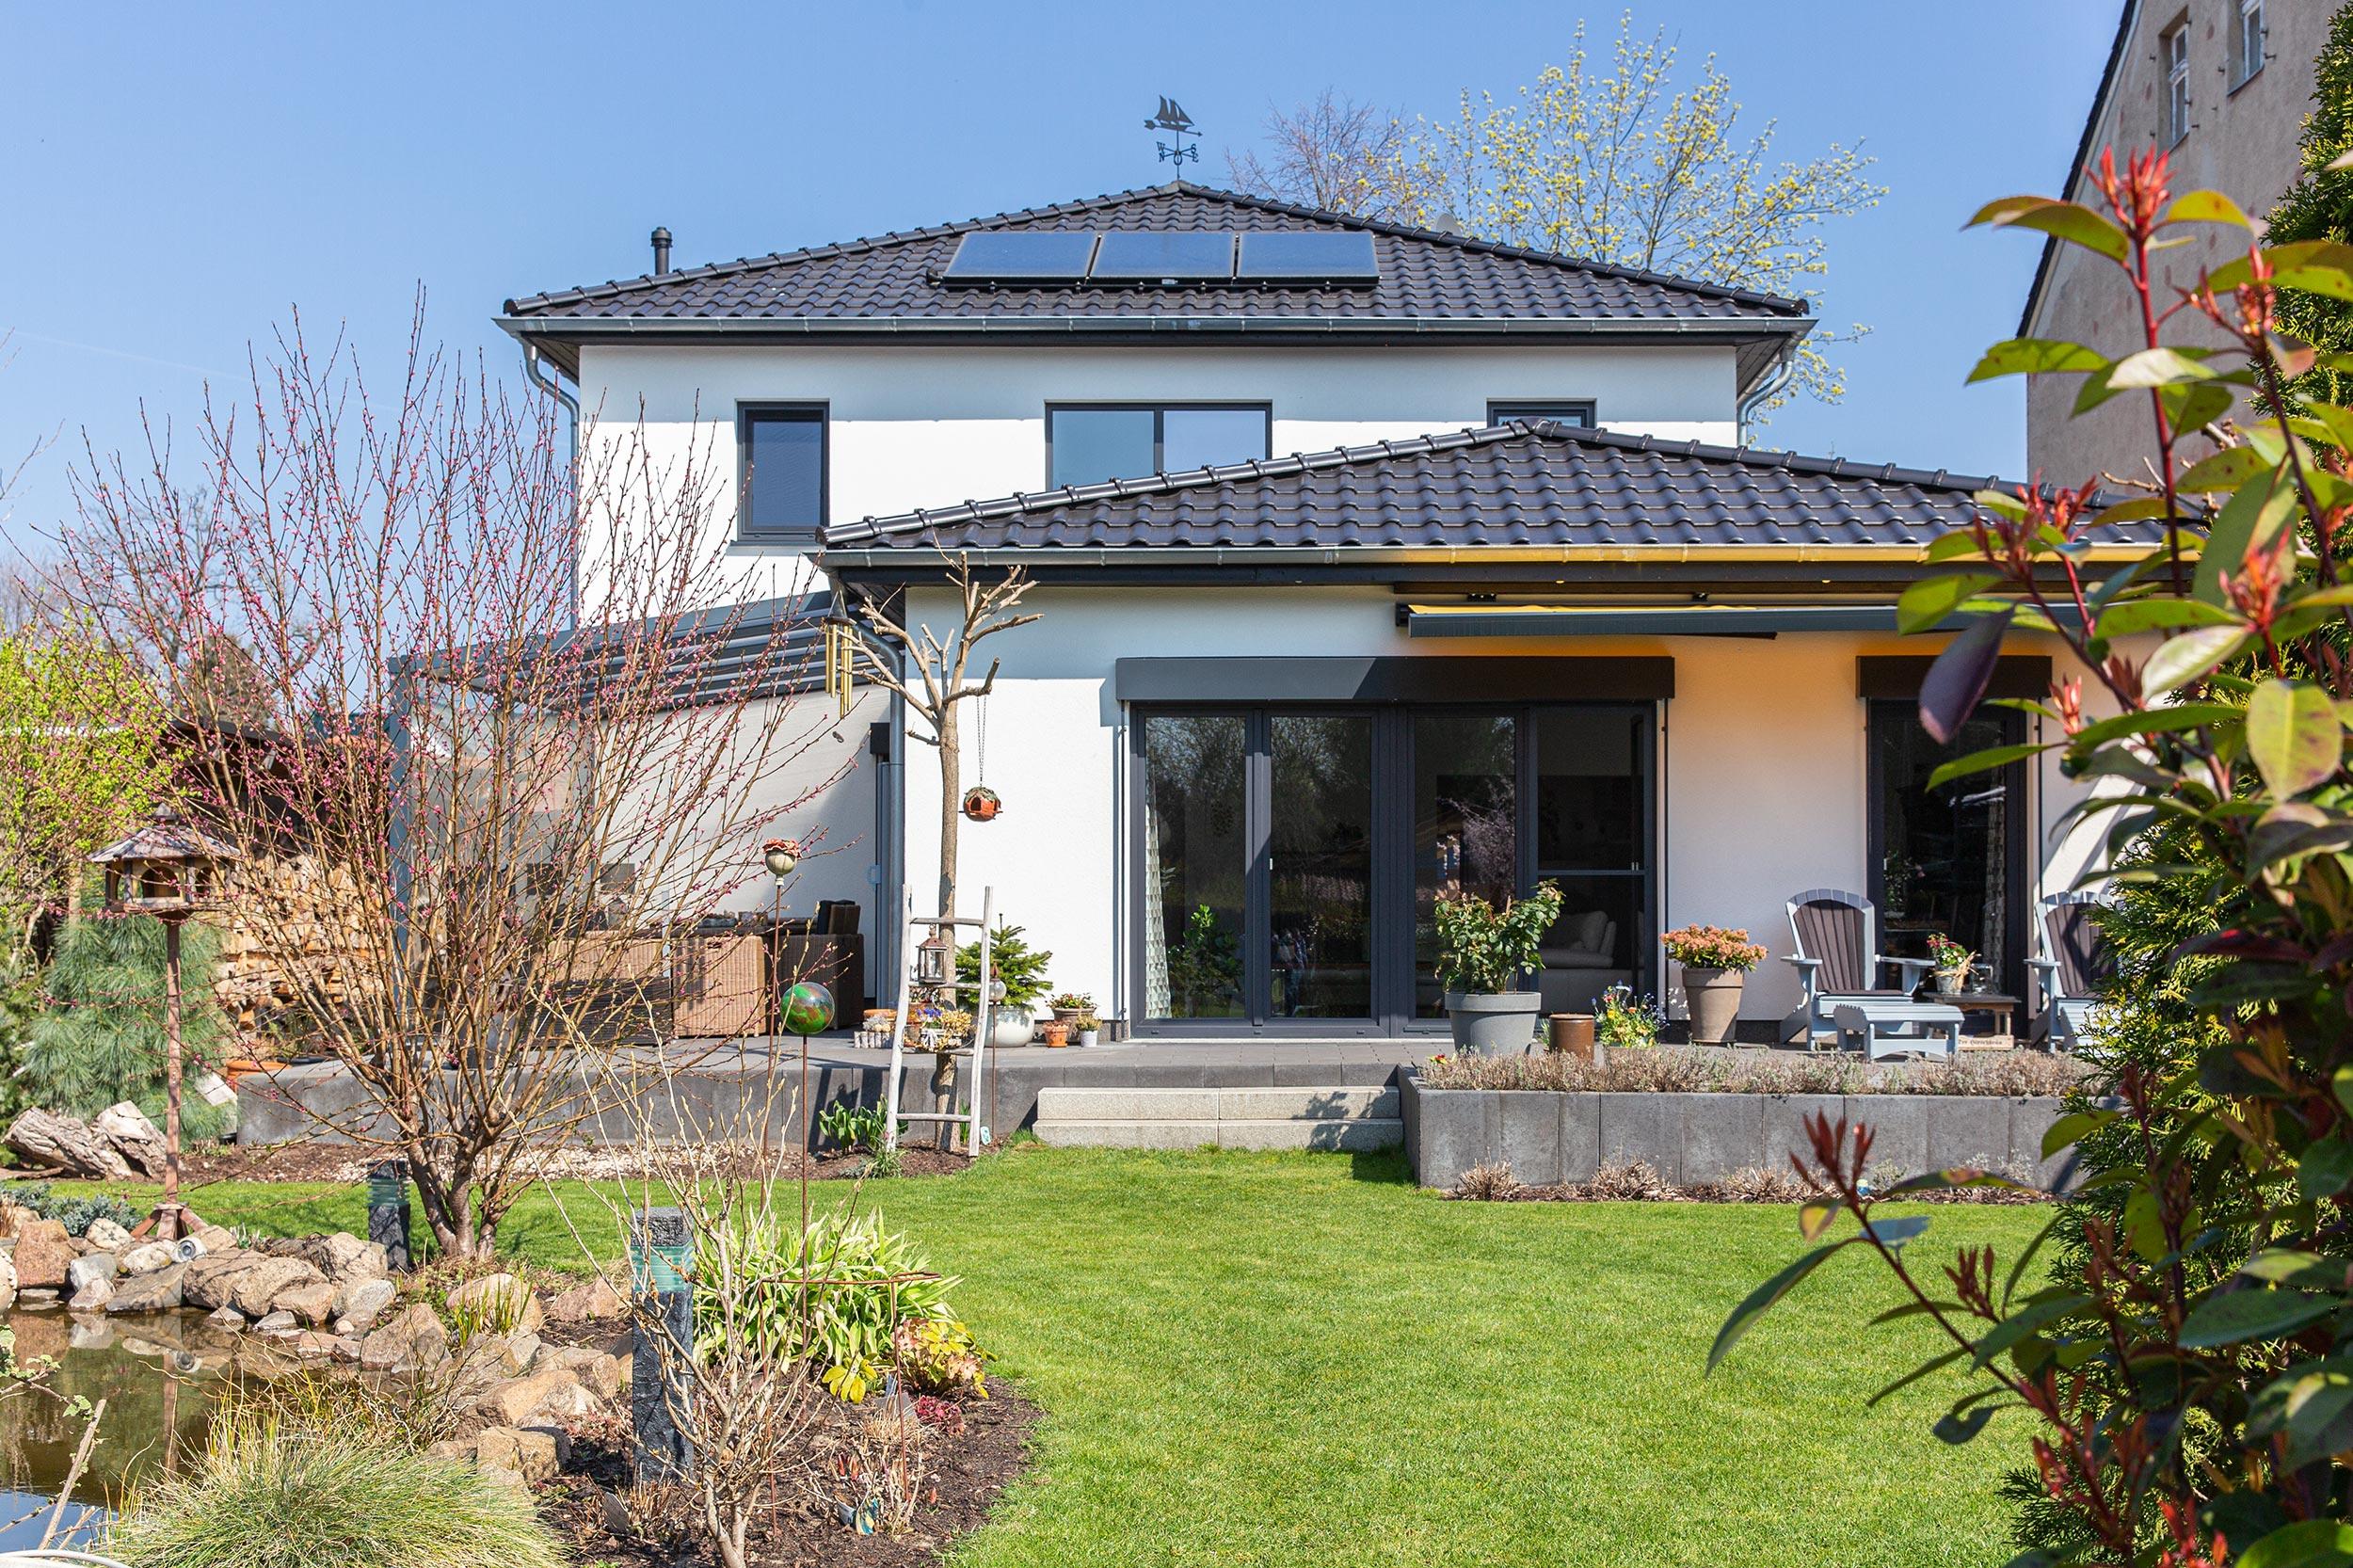 Villa mit Sonnengarten